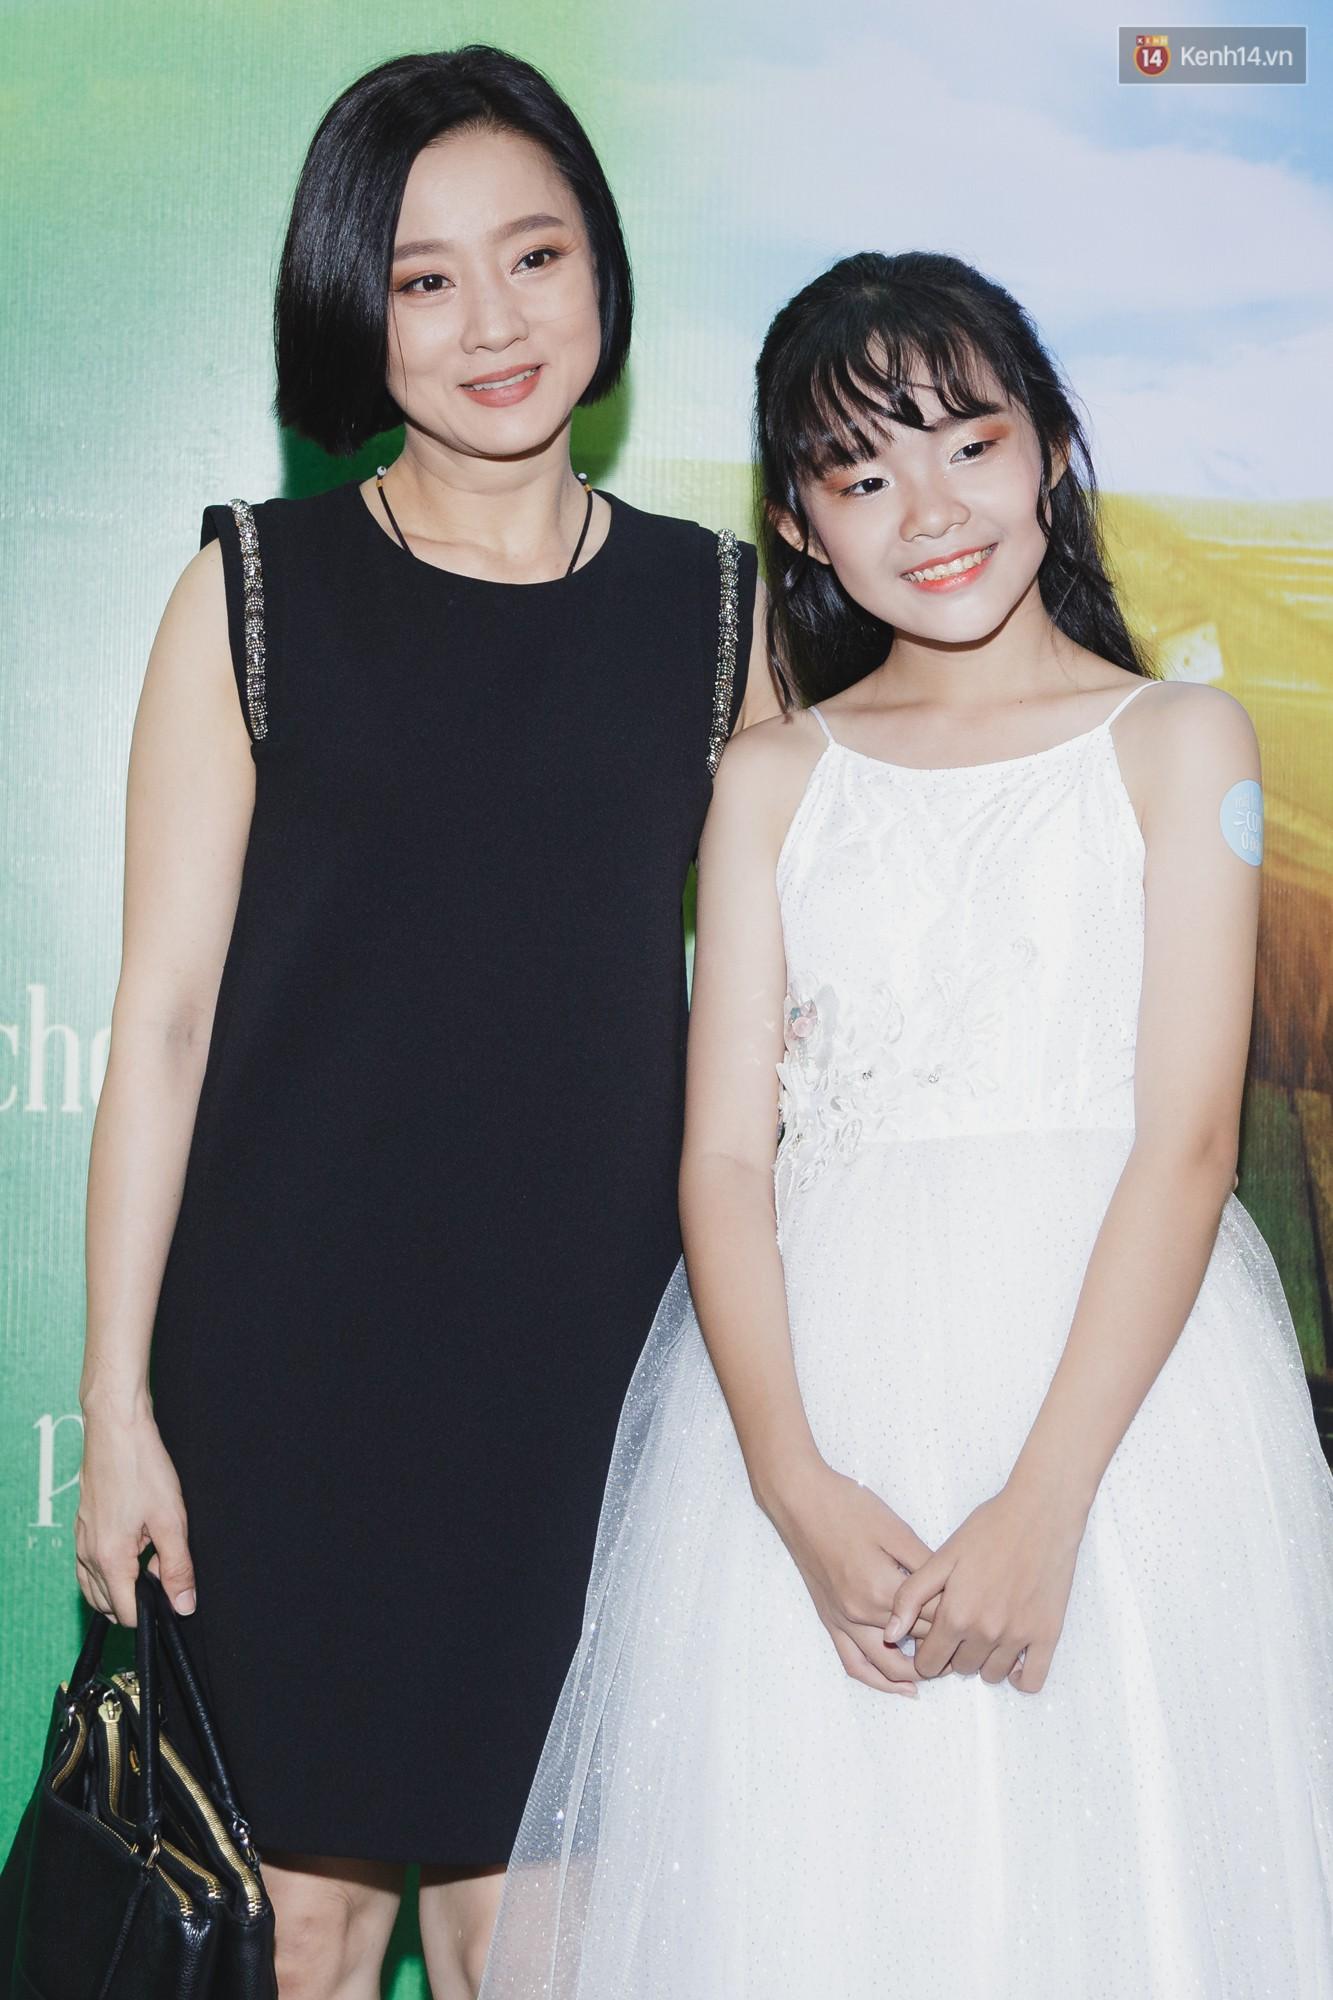 Kaity Nguyễn và Lâm Thanh Mỹ đọ sắc, người xinh như búp bê, người thanh lịch dịu dàng bên thảm đỏ ra mắt phim - Ảnh 15.